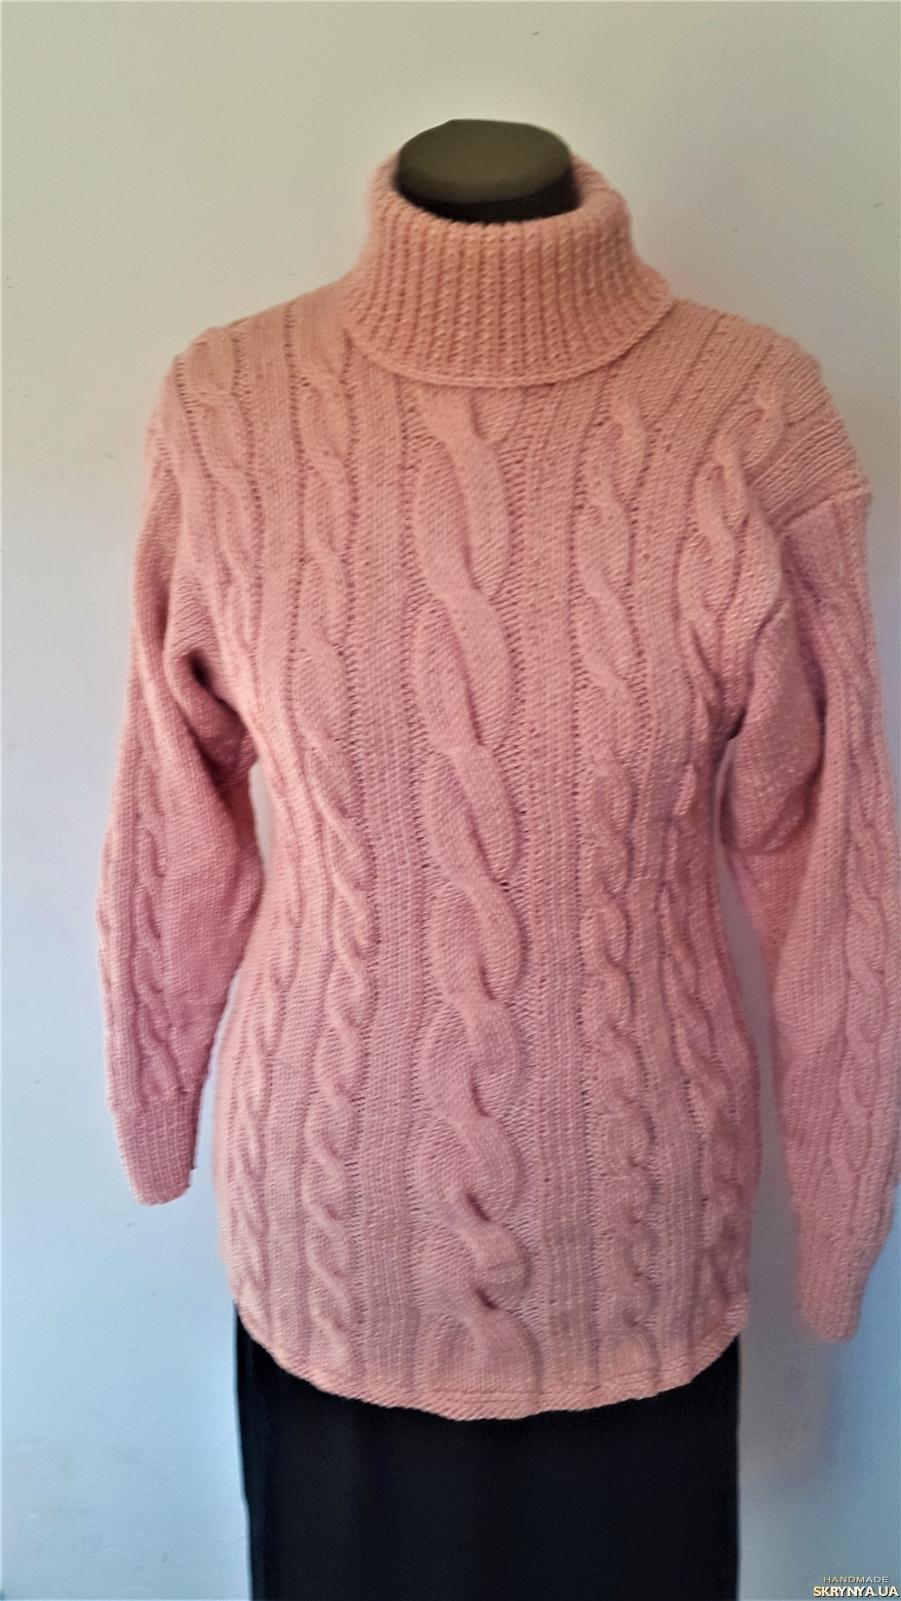 тут изображено Теплый, вязанный женский свитер, светло-фрезового цвета, размер 46-50